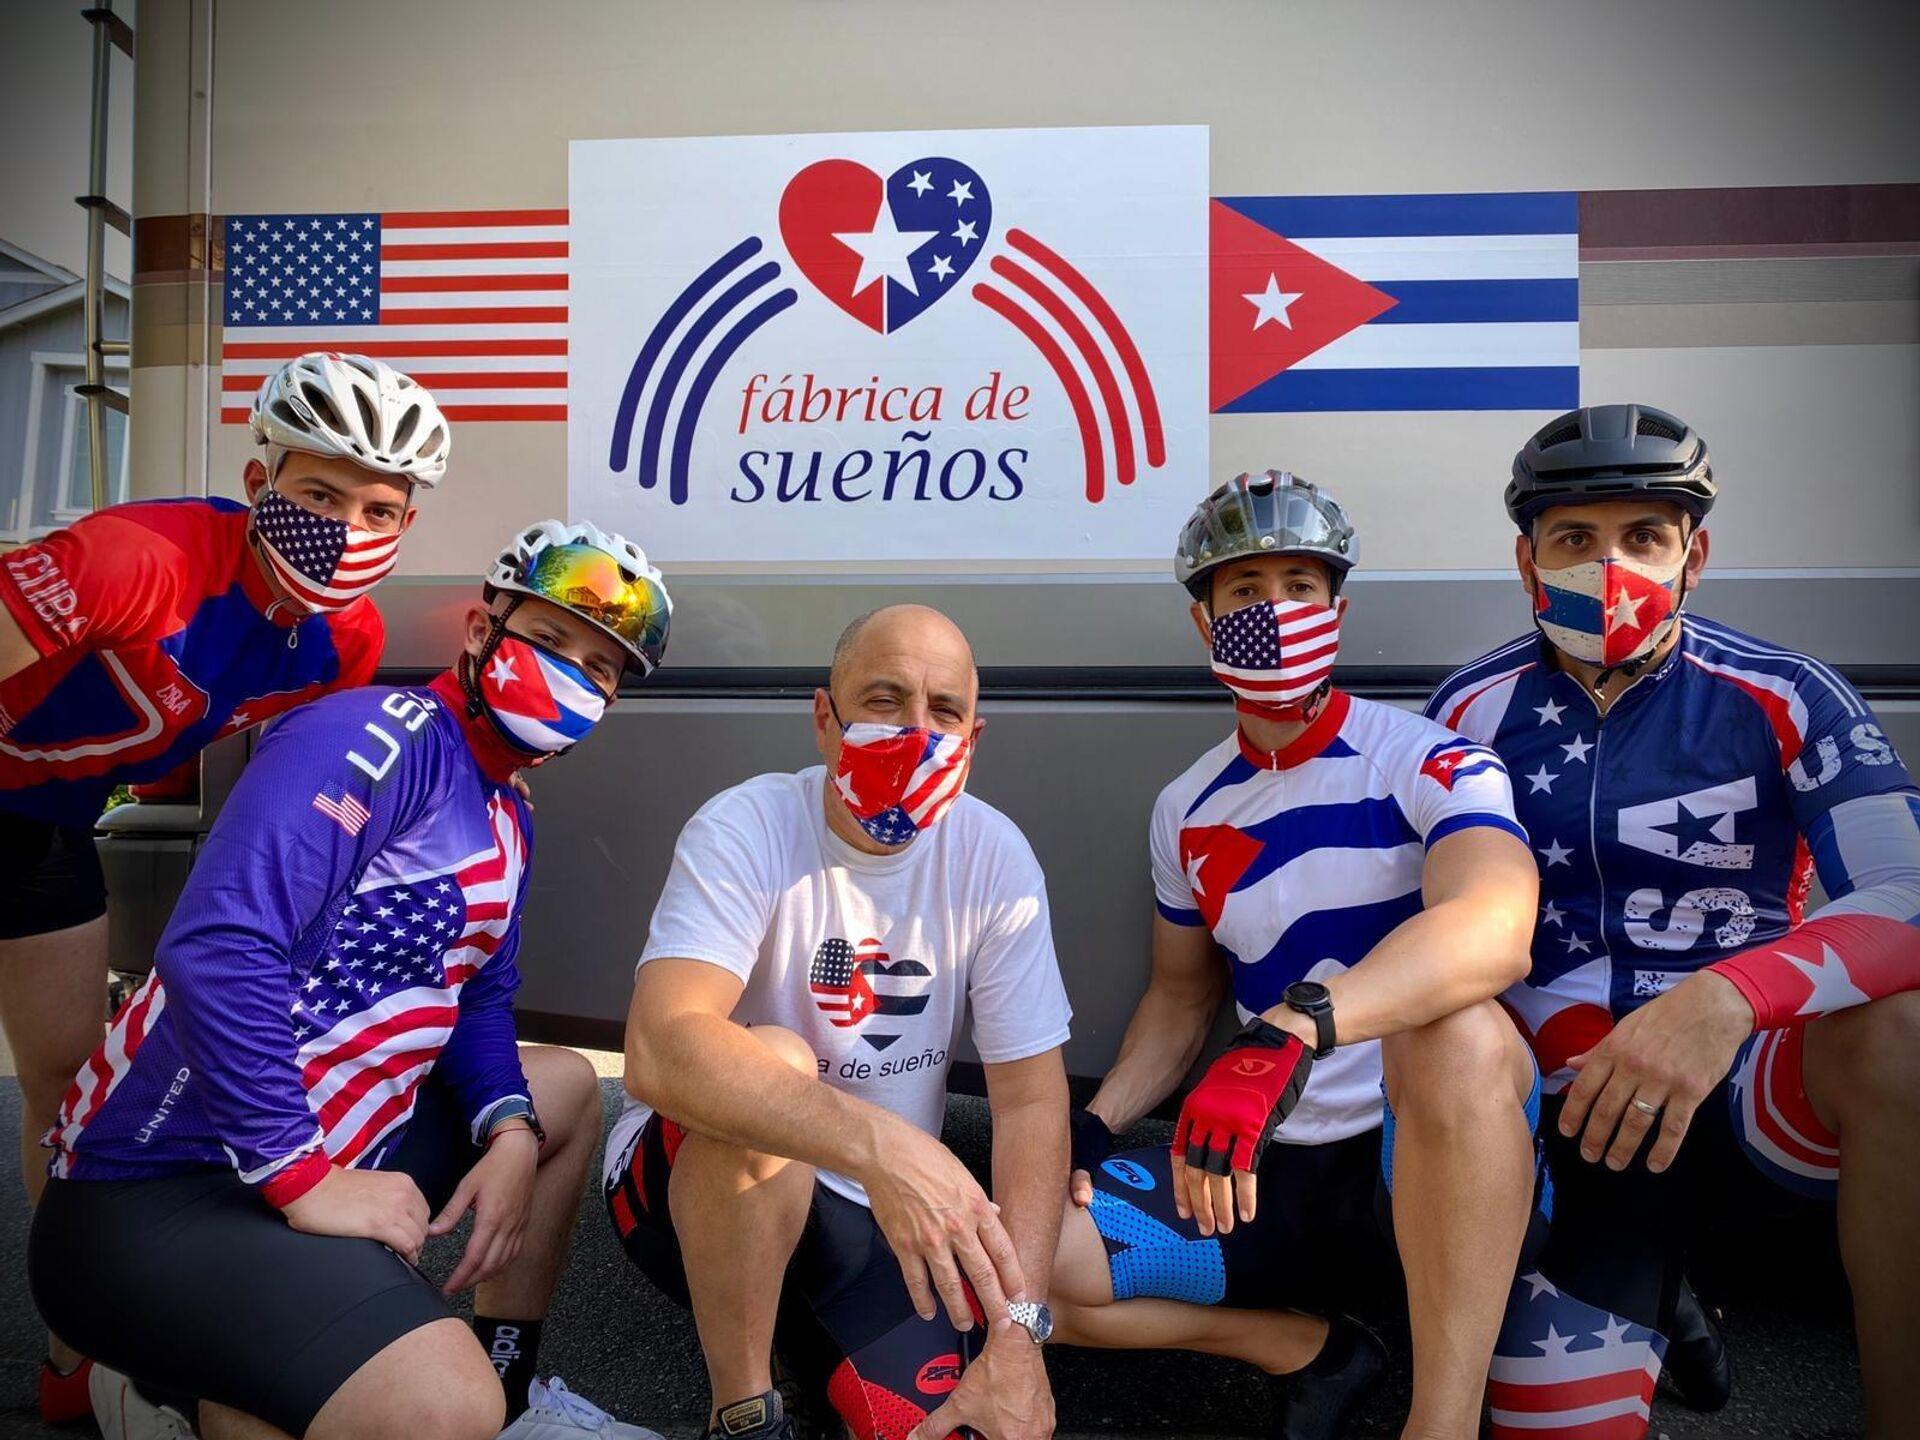 Carlos Lazo (centro) y un grupo de ciclistas de la travesía de la Fábrica de Sueños - Sputnik Mundo, 1920, 13.09.2021